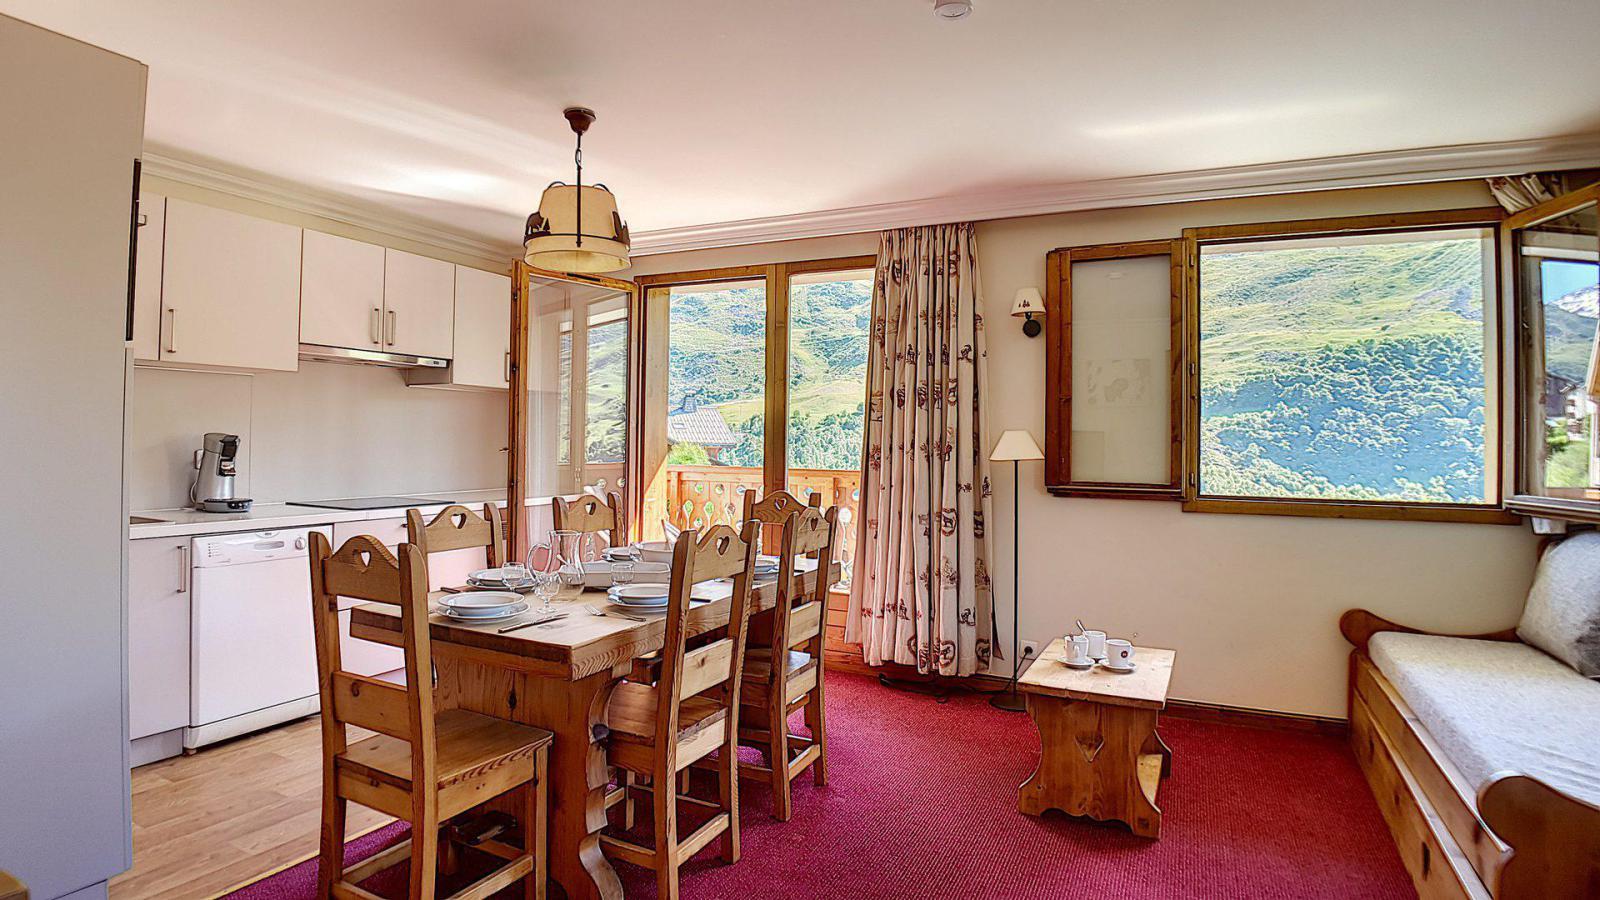 Location au ski Appartement 3 pièces 6 personnes (3) - Residence Les Cristaux - Les Menuires - Séjour